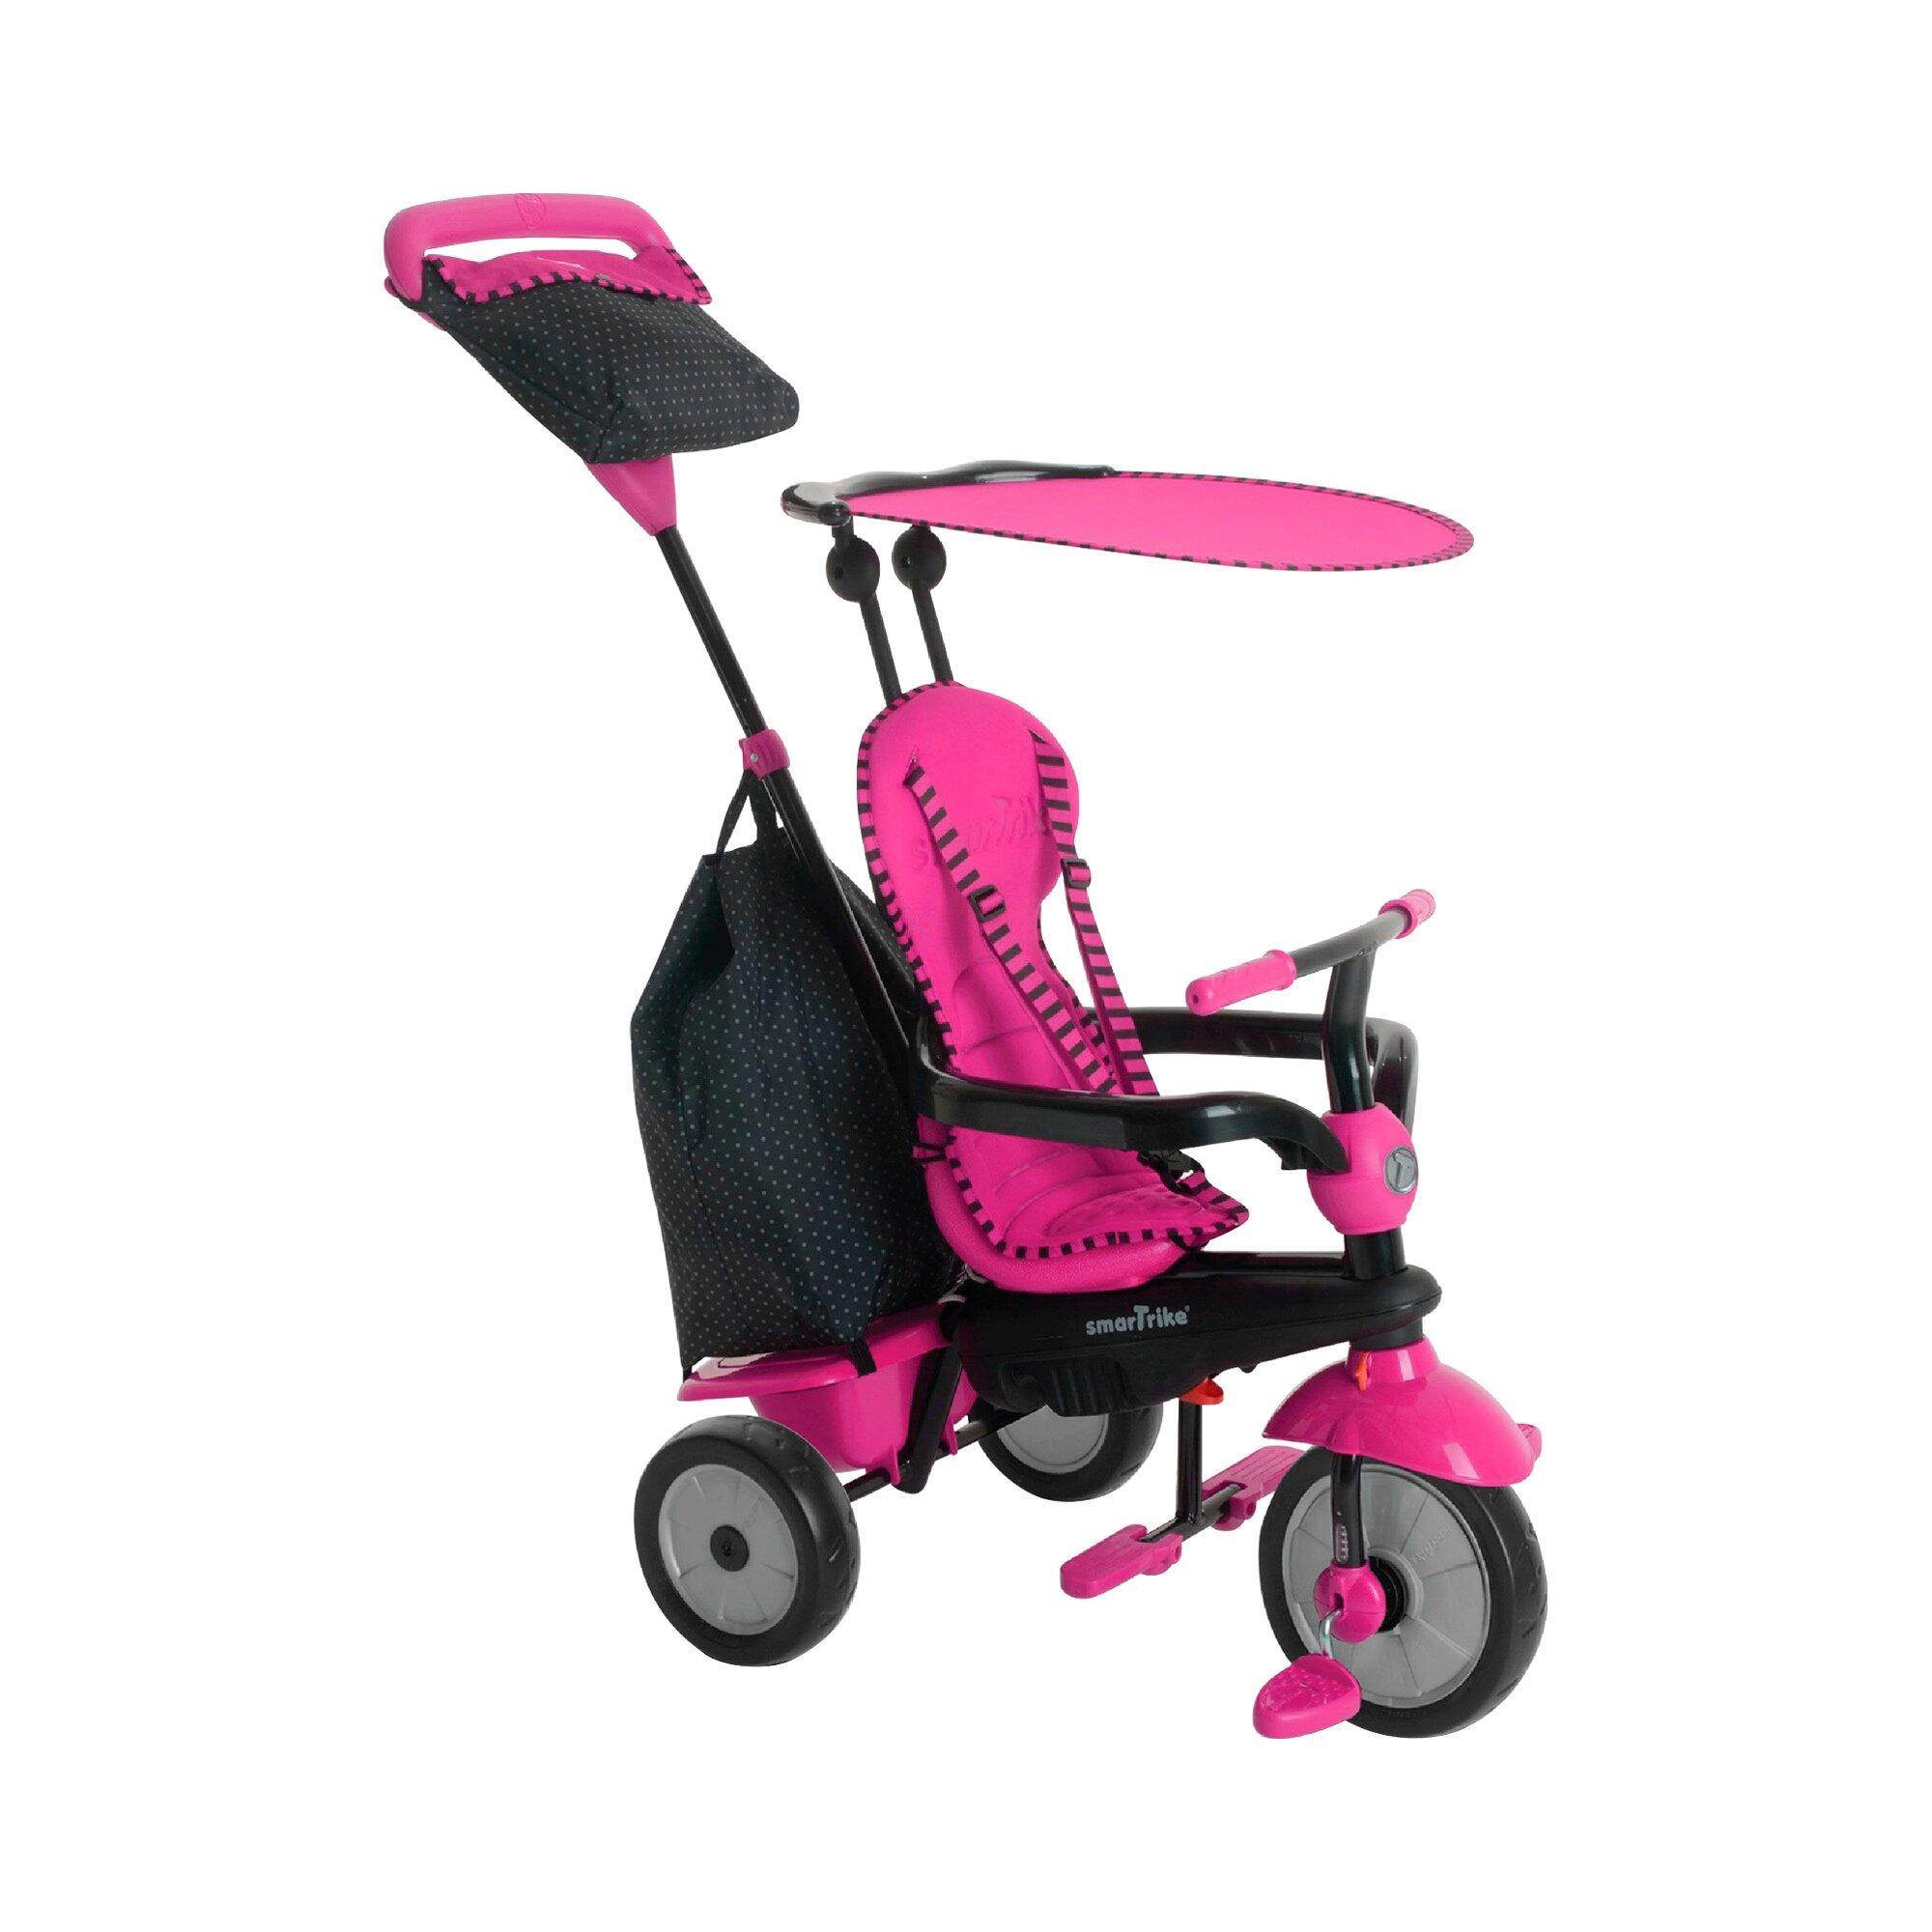 Dreirad Glow 4 in 1 Baby Trike